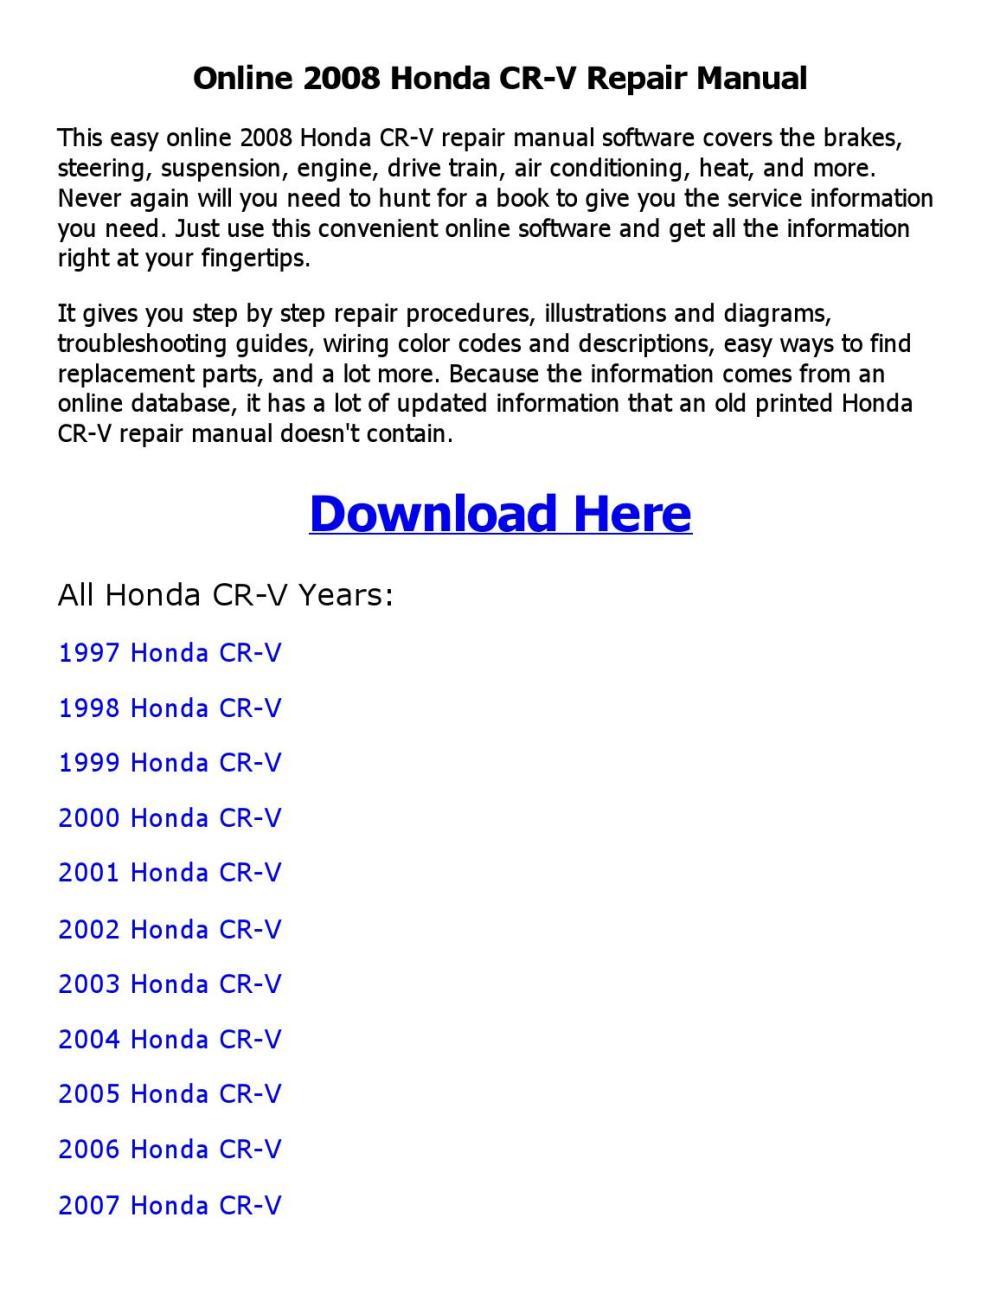 medium resolution of 2008 honda cr v repair manual online